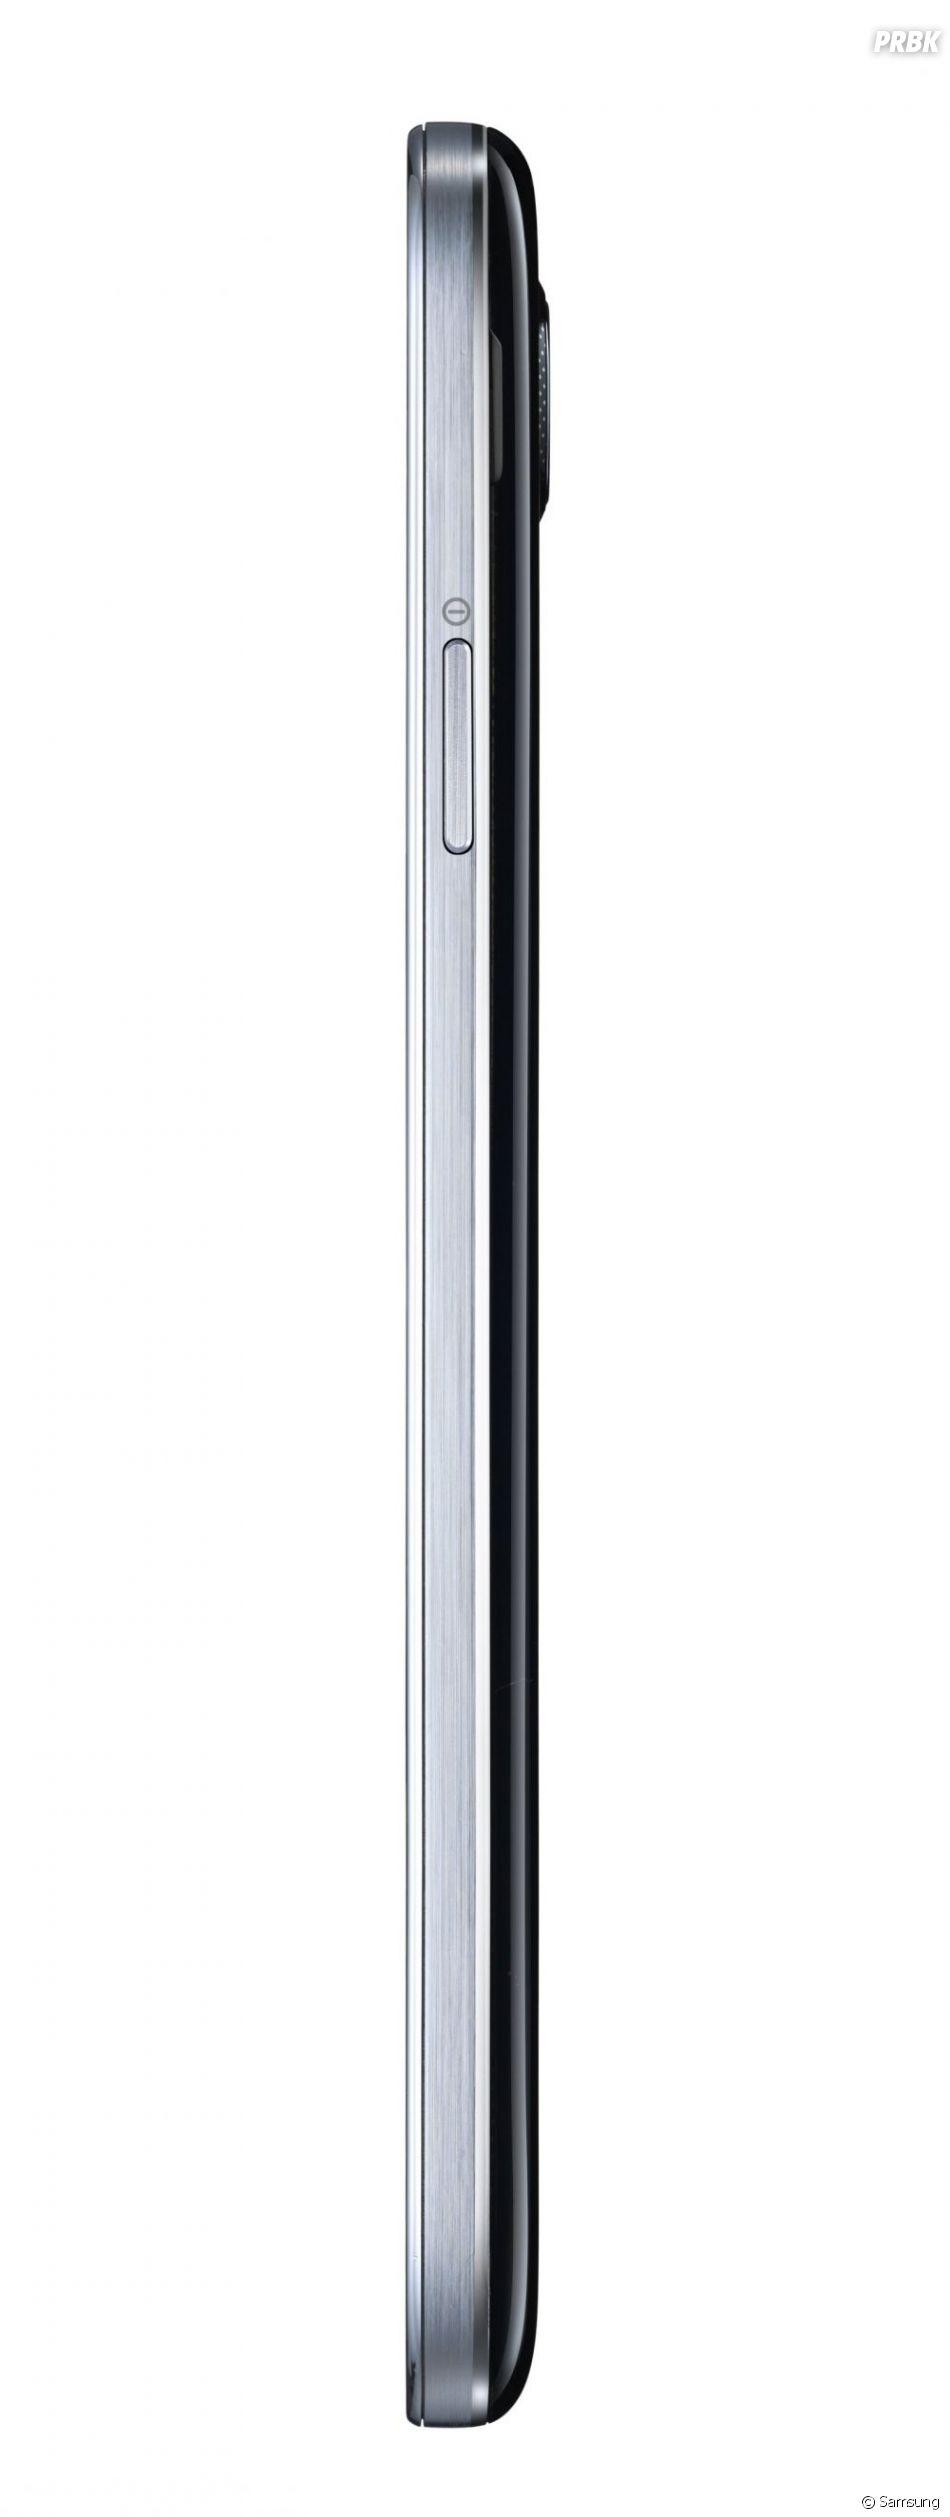 Plus de 10 millions de Samsung Galaxy S4 vendus